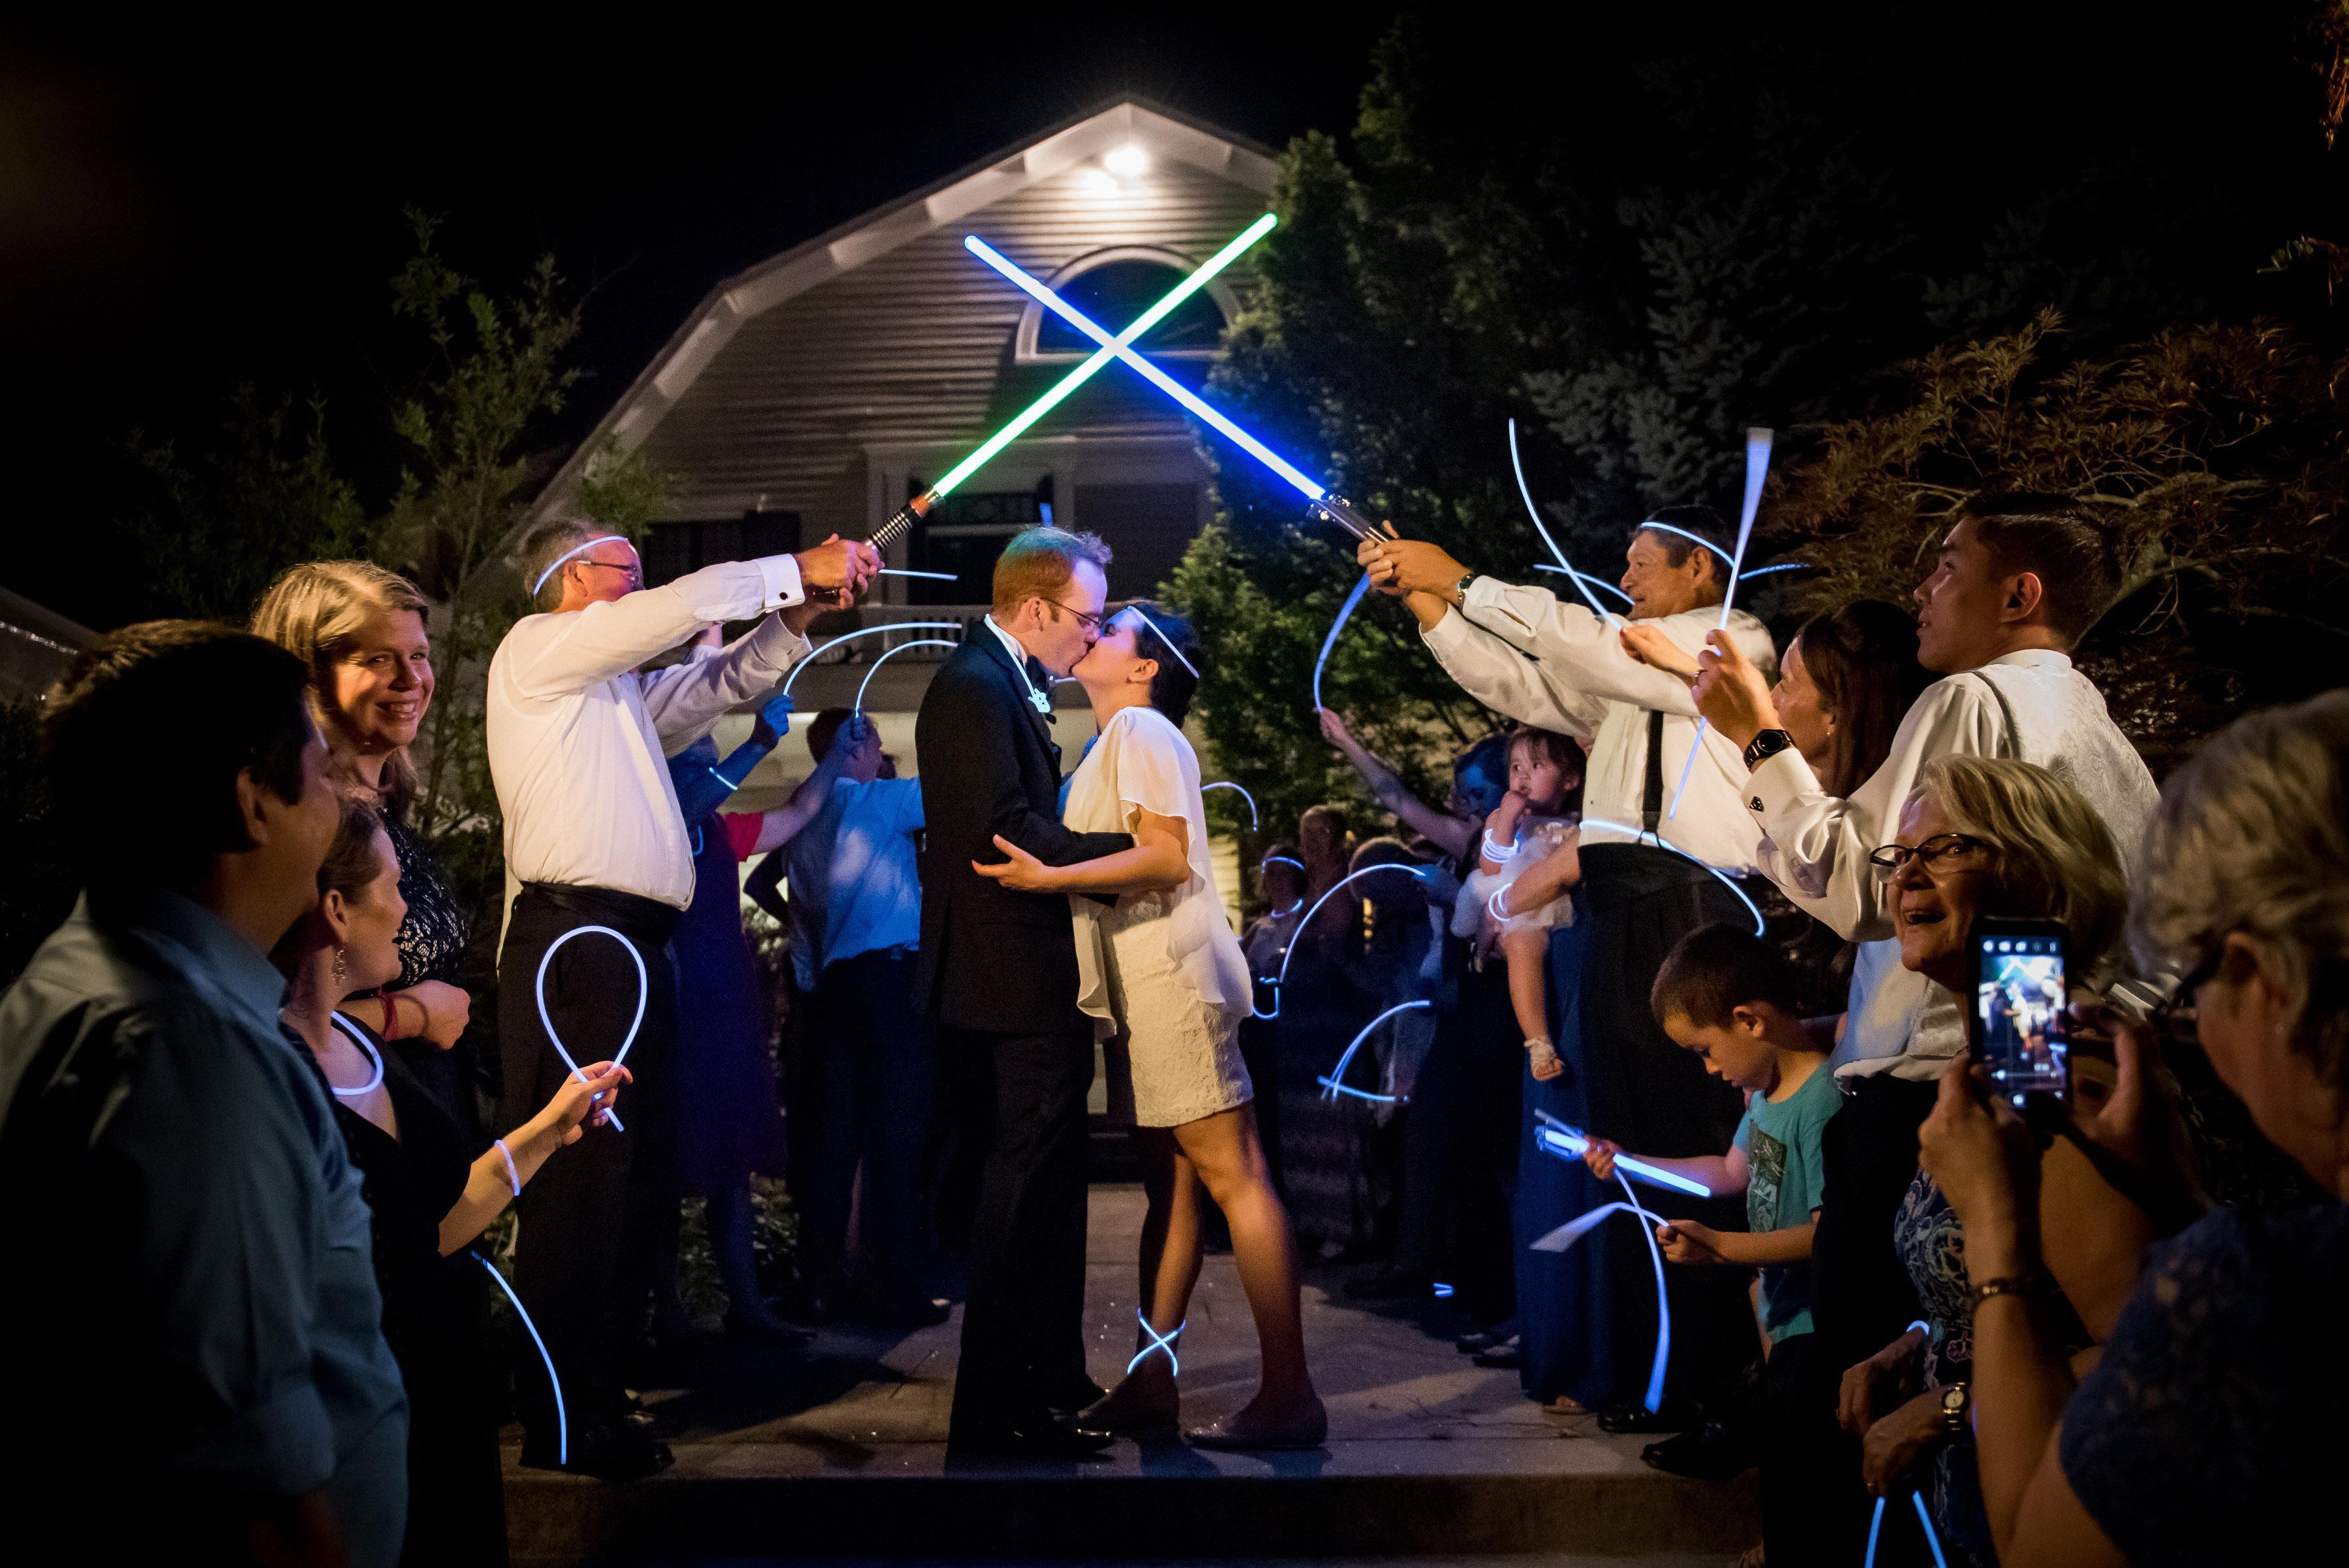 wedding exits lightsaber glowstick